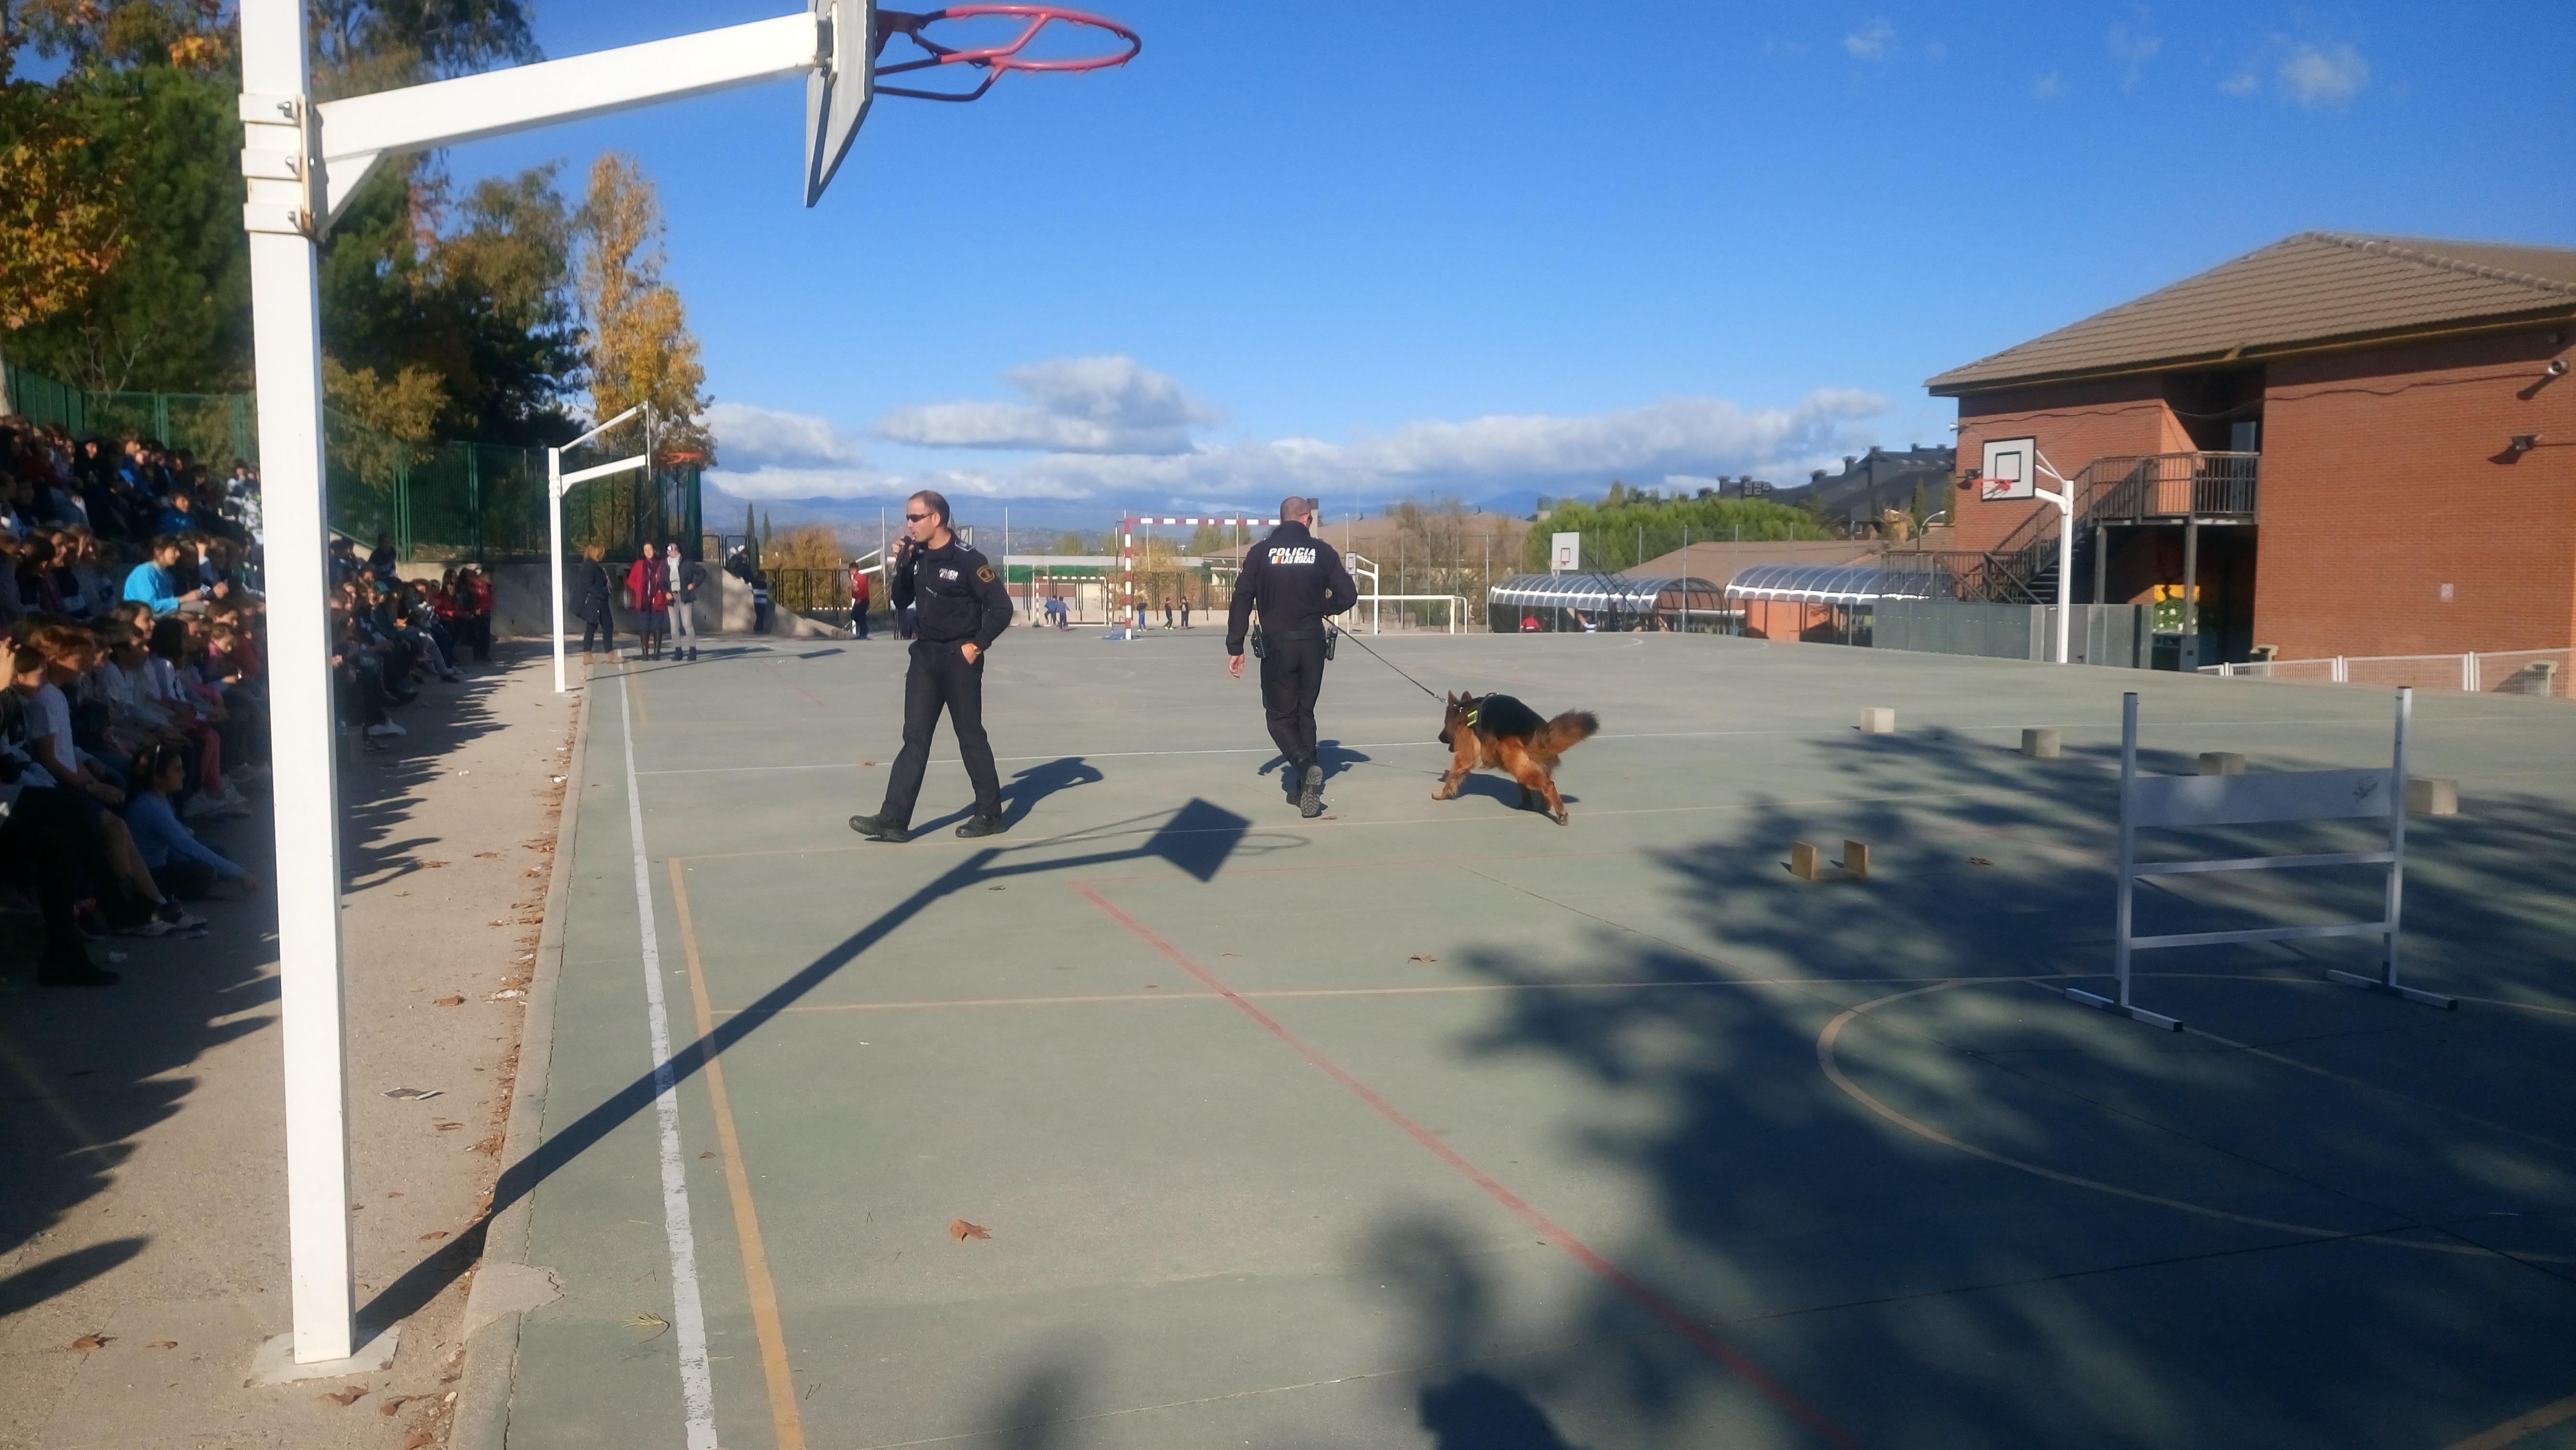 La Unidad Canina de la Policia Municipal de Las Rozas visita el cole_CEIP FDLR_Las Rozas_2017  9